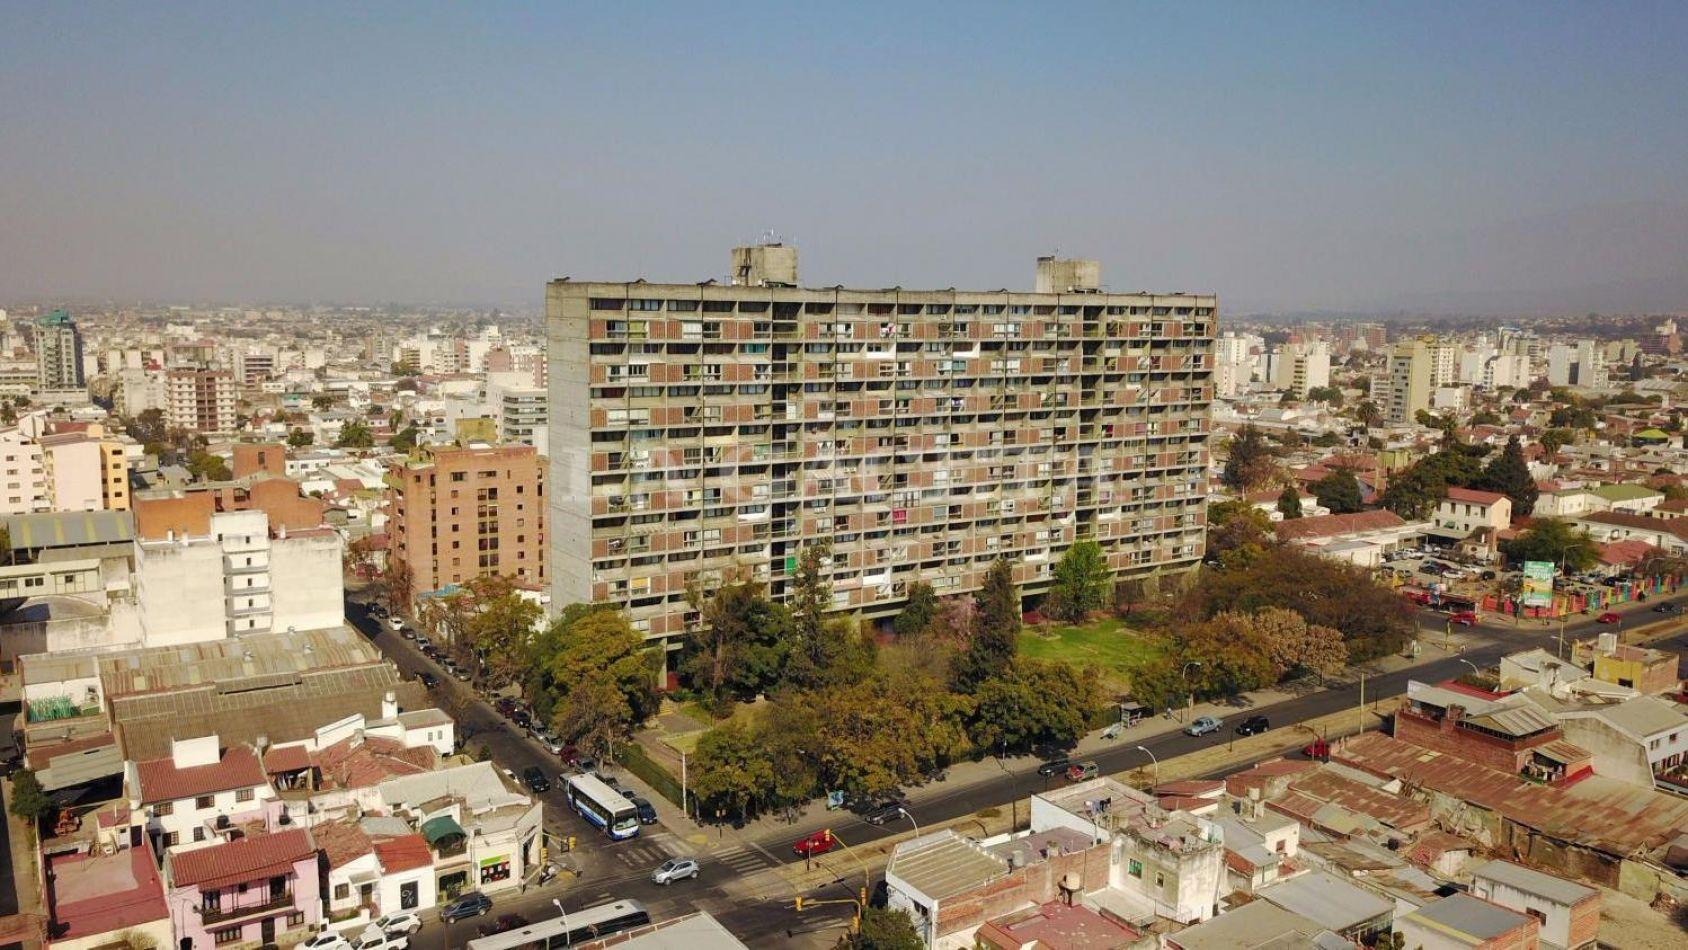 Hoy es el d a m s corto del a o y ser con mucho sol Noticias del dia de hoy en argentina espectaculos